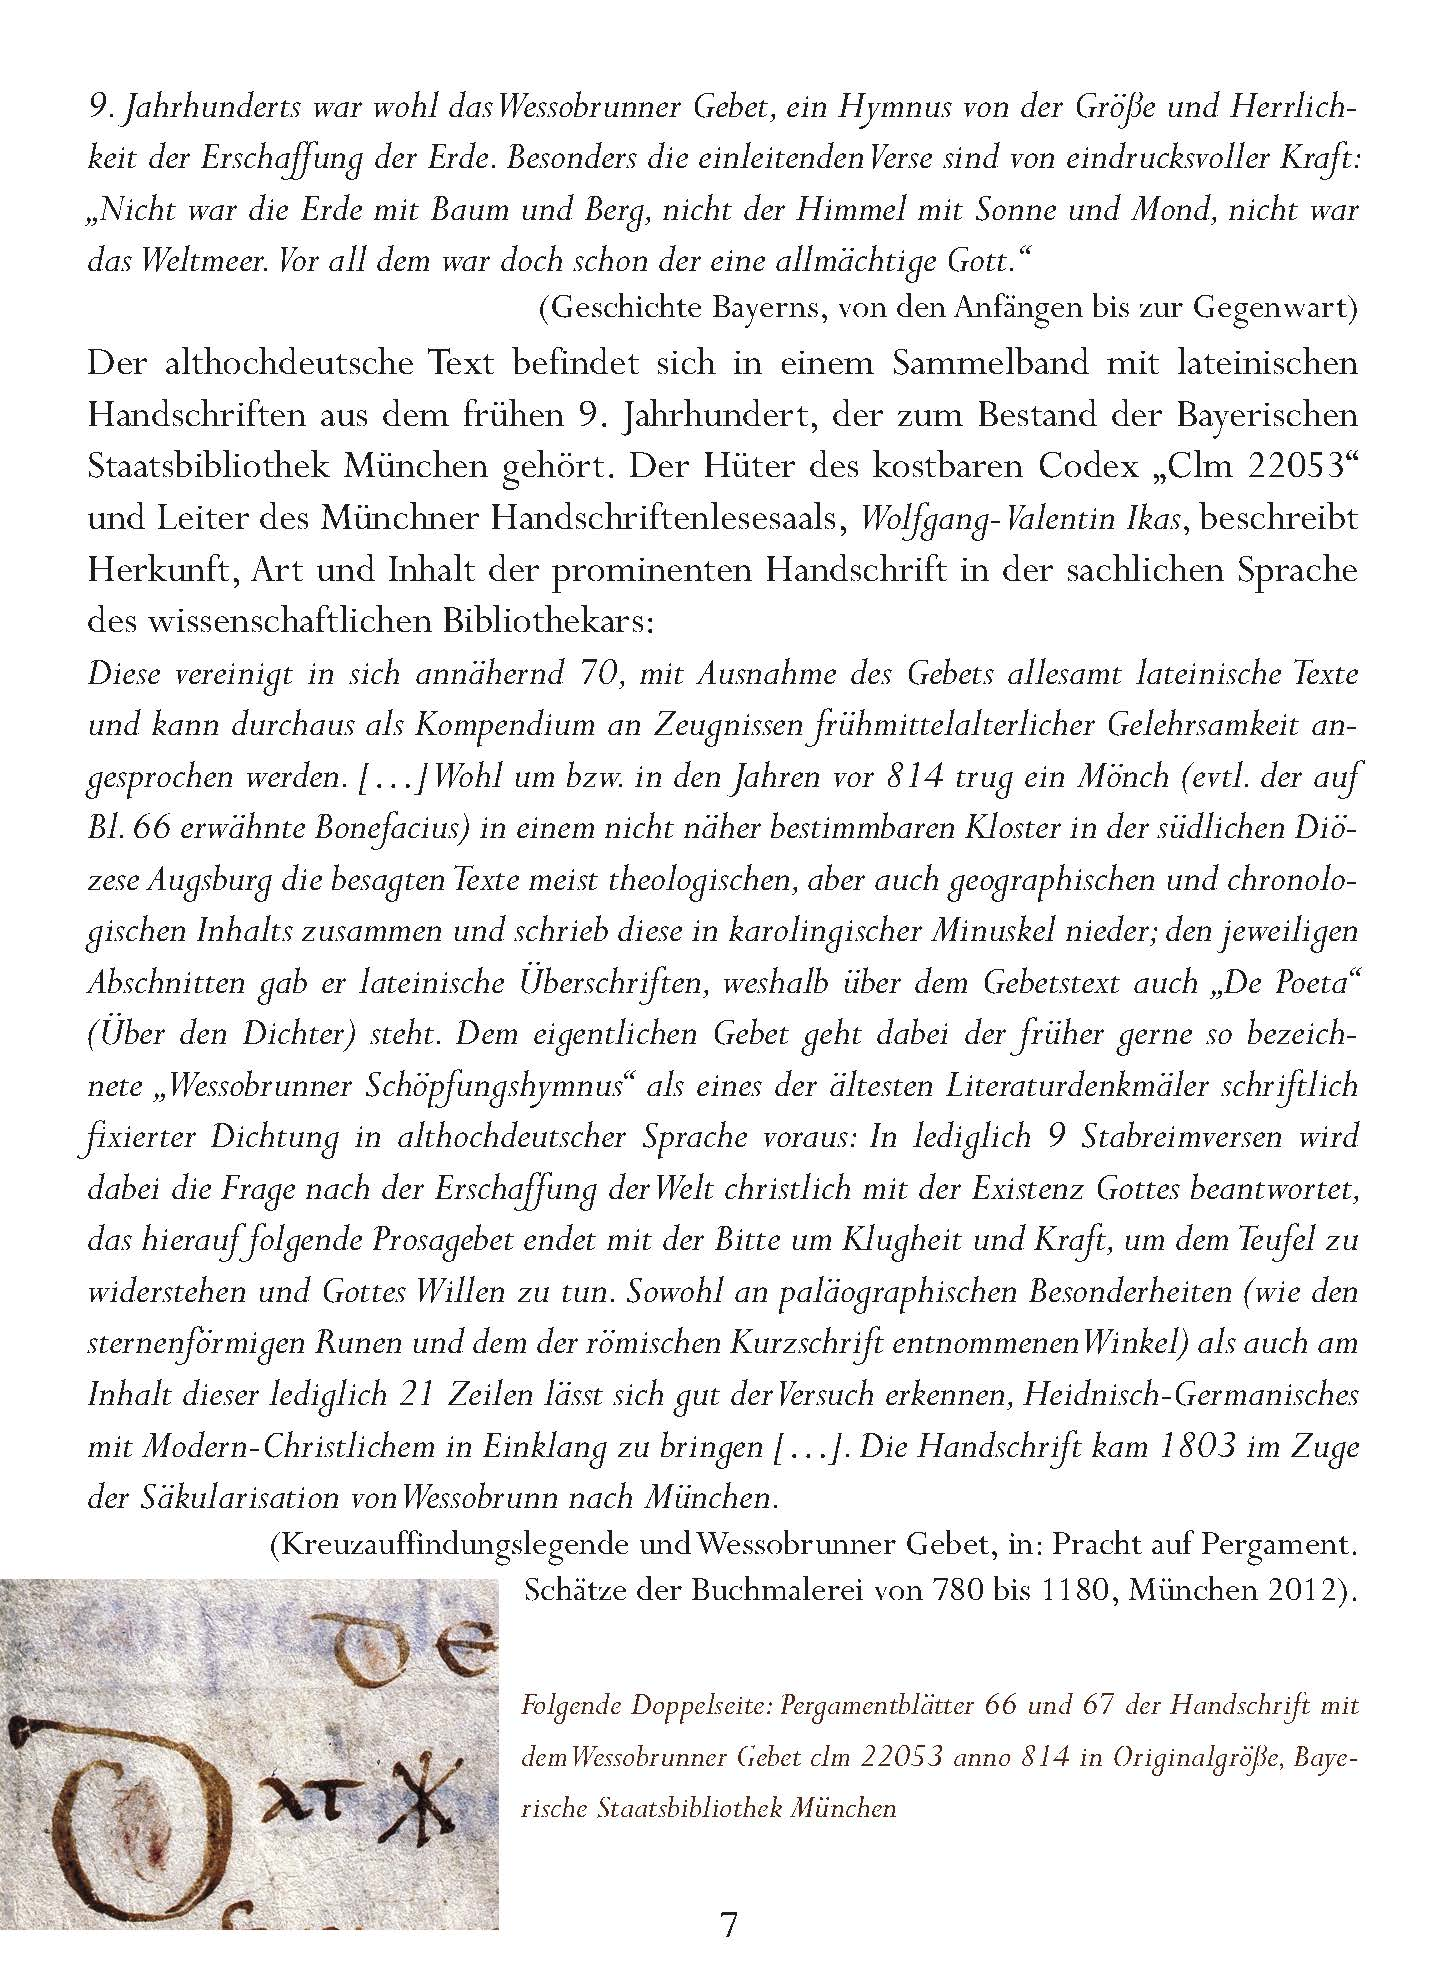 Wessobrunner Gebet - Booklet Seite 7